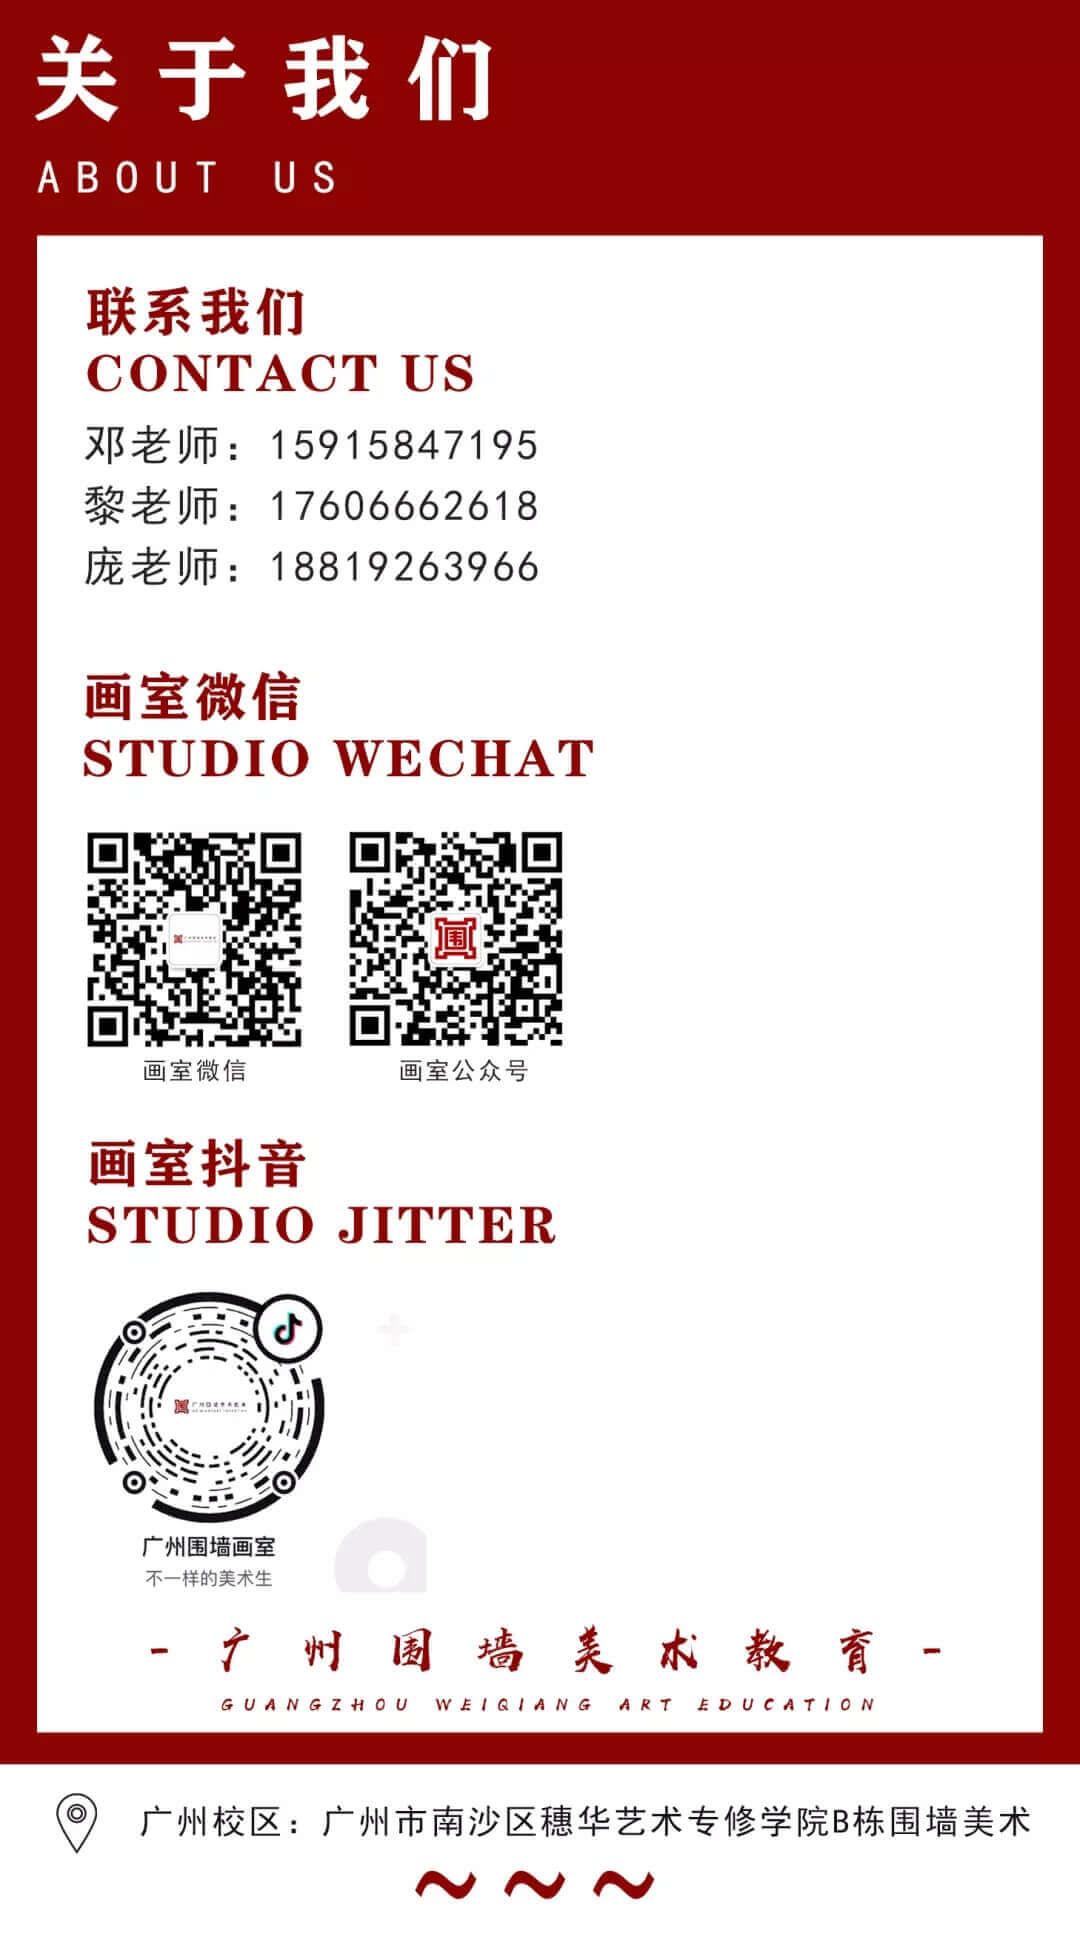 广州围墙画室,广州画室,广州线上画室,03